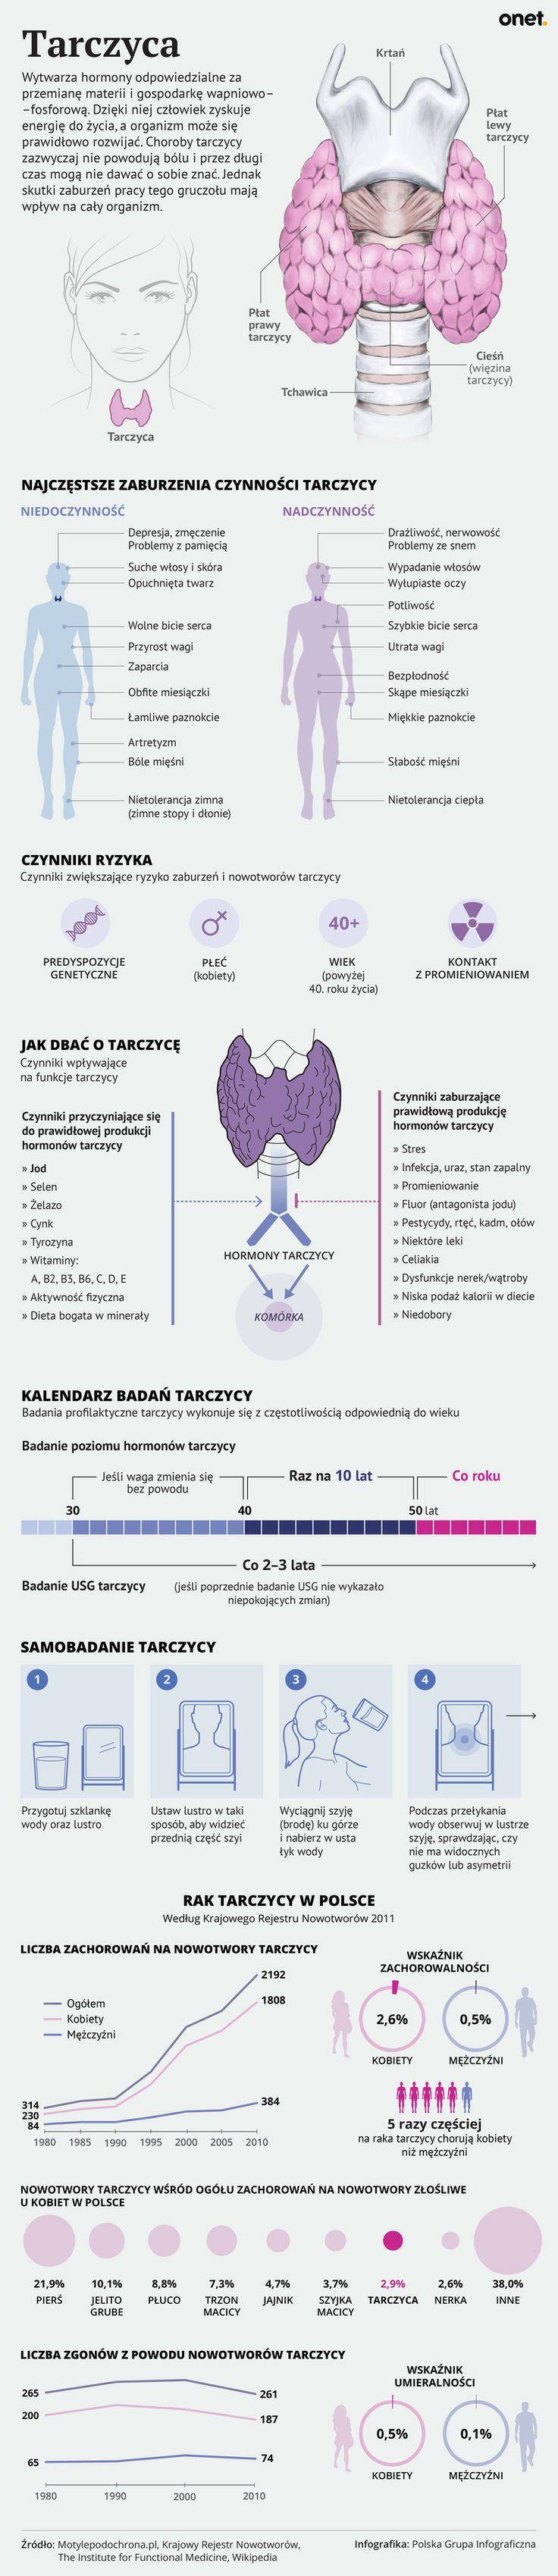 Tarczyca - co trzeba wiedzieć o tej chorobie